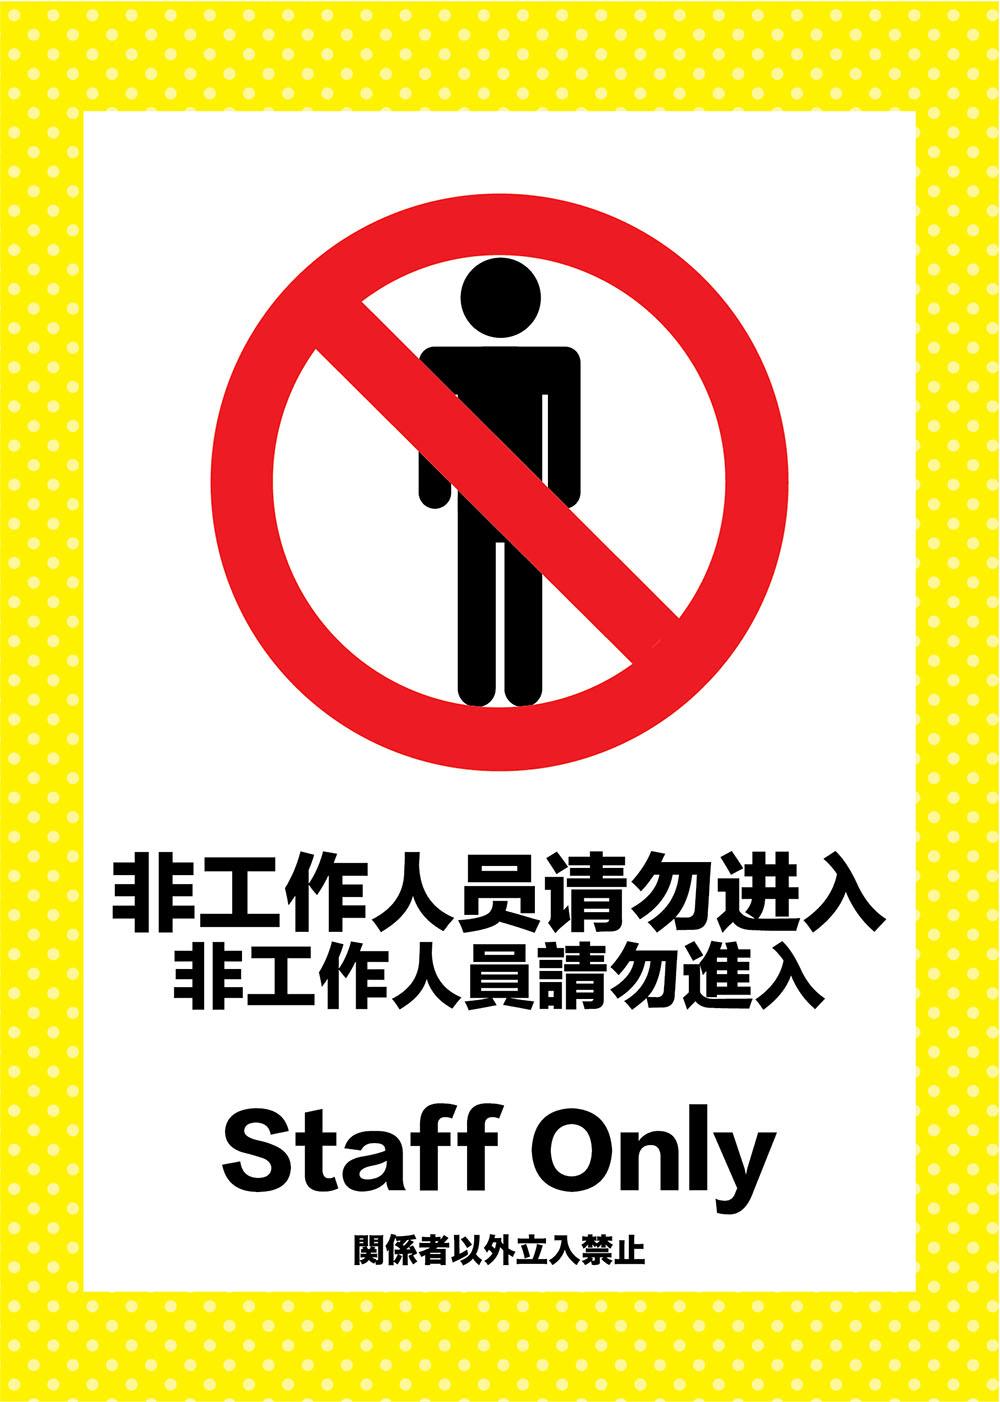 非工作人员请勿进入